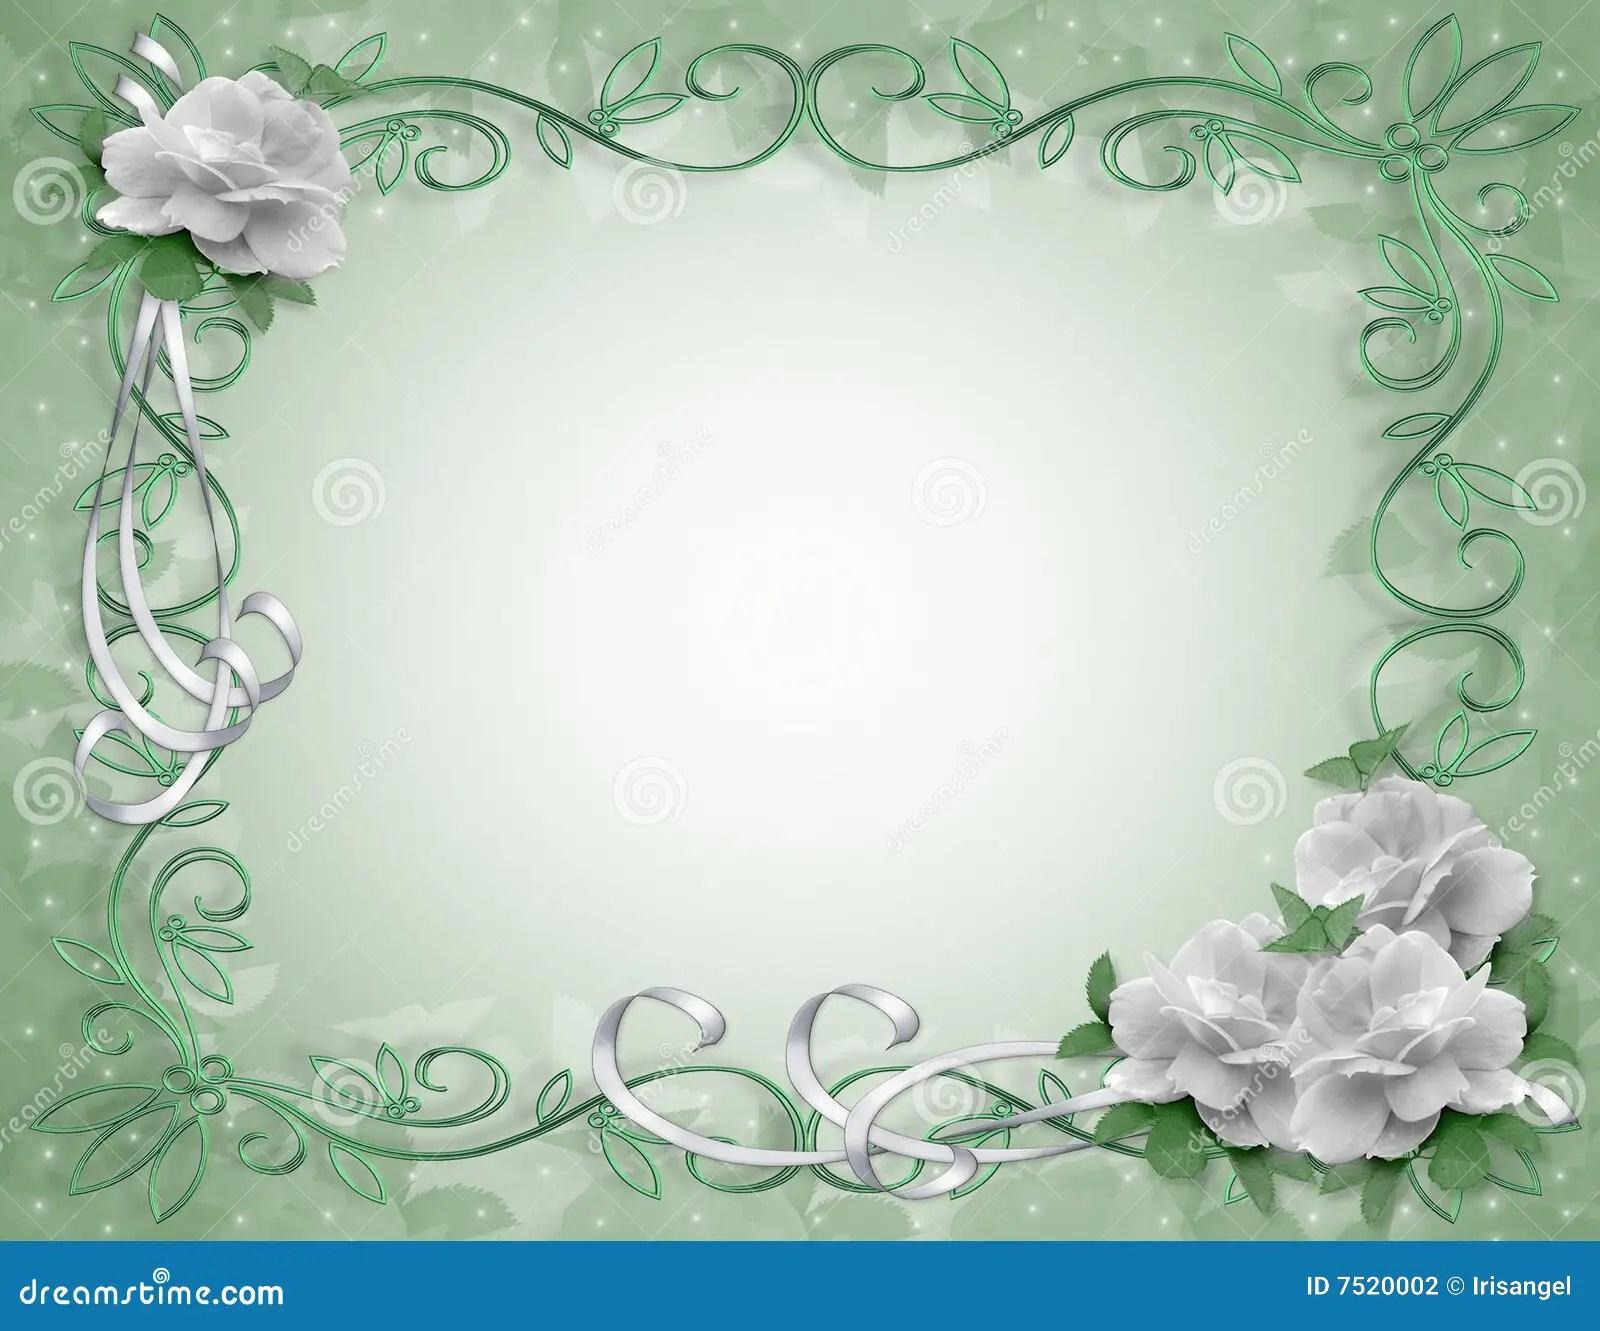 Wedding Invitation Border White Roses Stock Photography